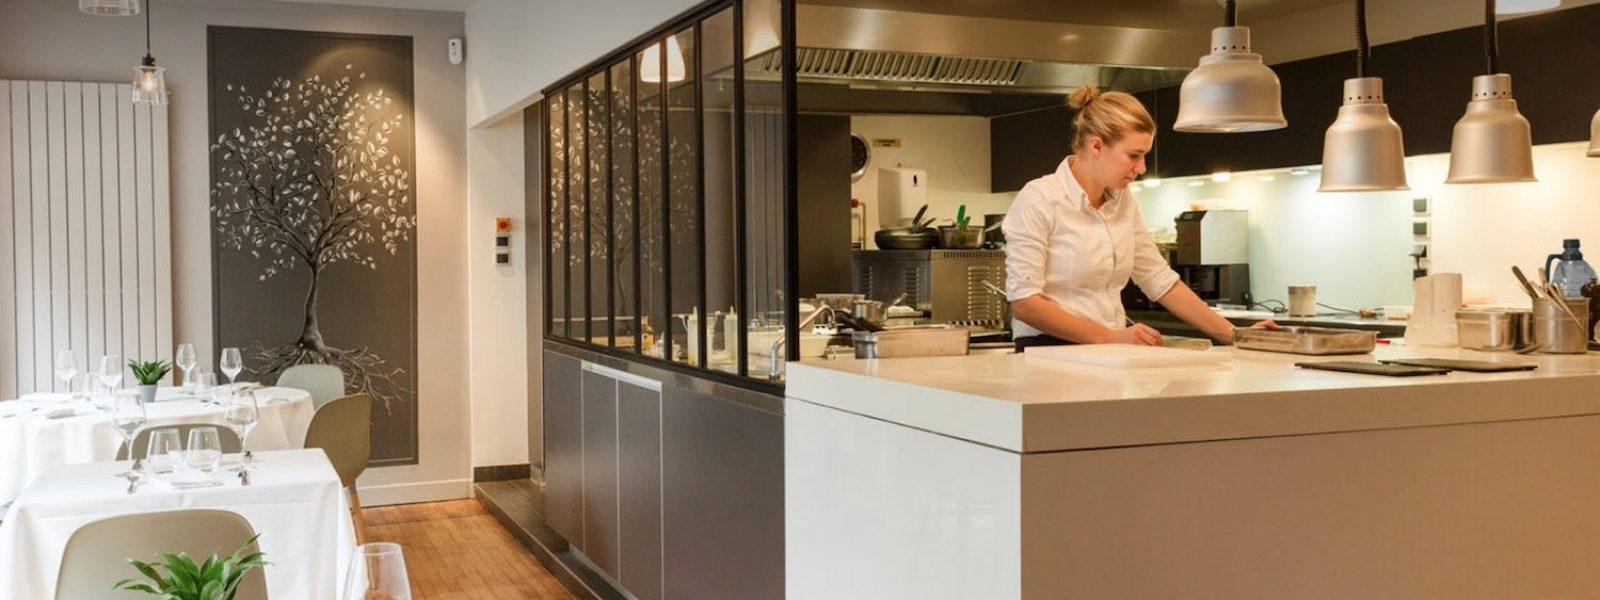 Racines, nouveau restaurant étoilé à Rennes